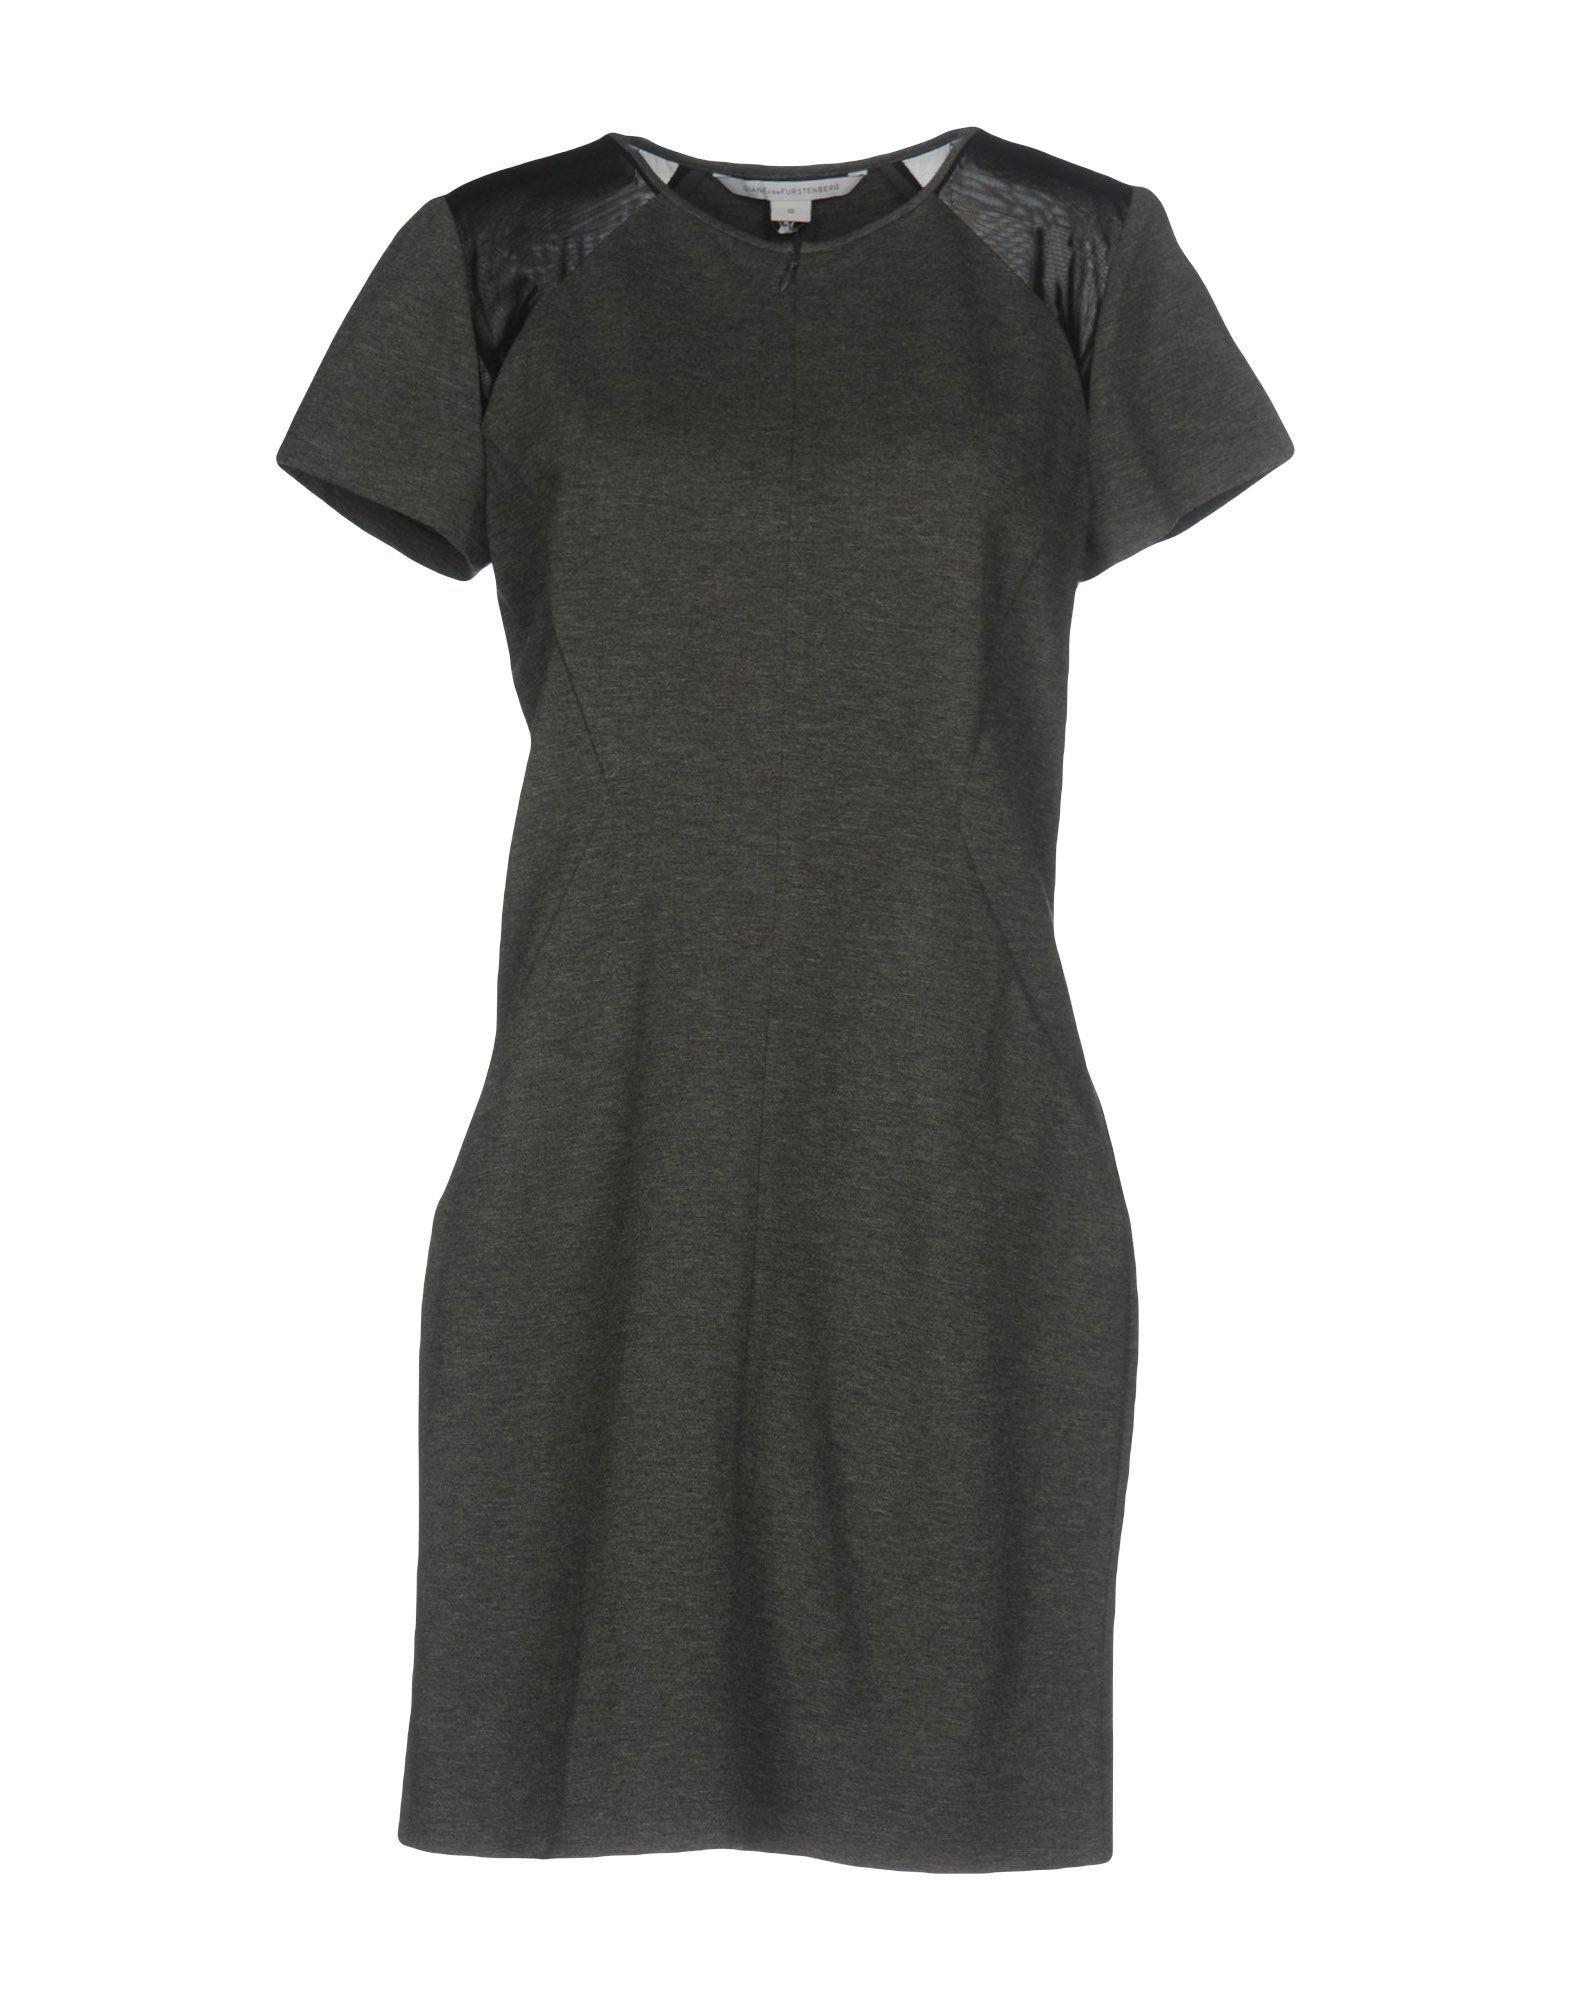 DRESSES Diane Von Furstenberg Grey Woman Viscose